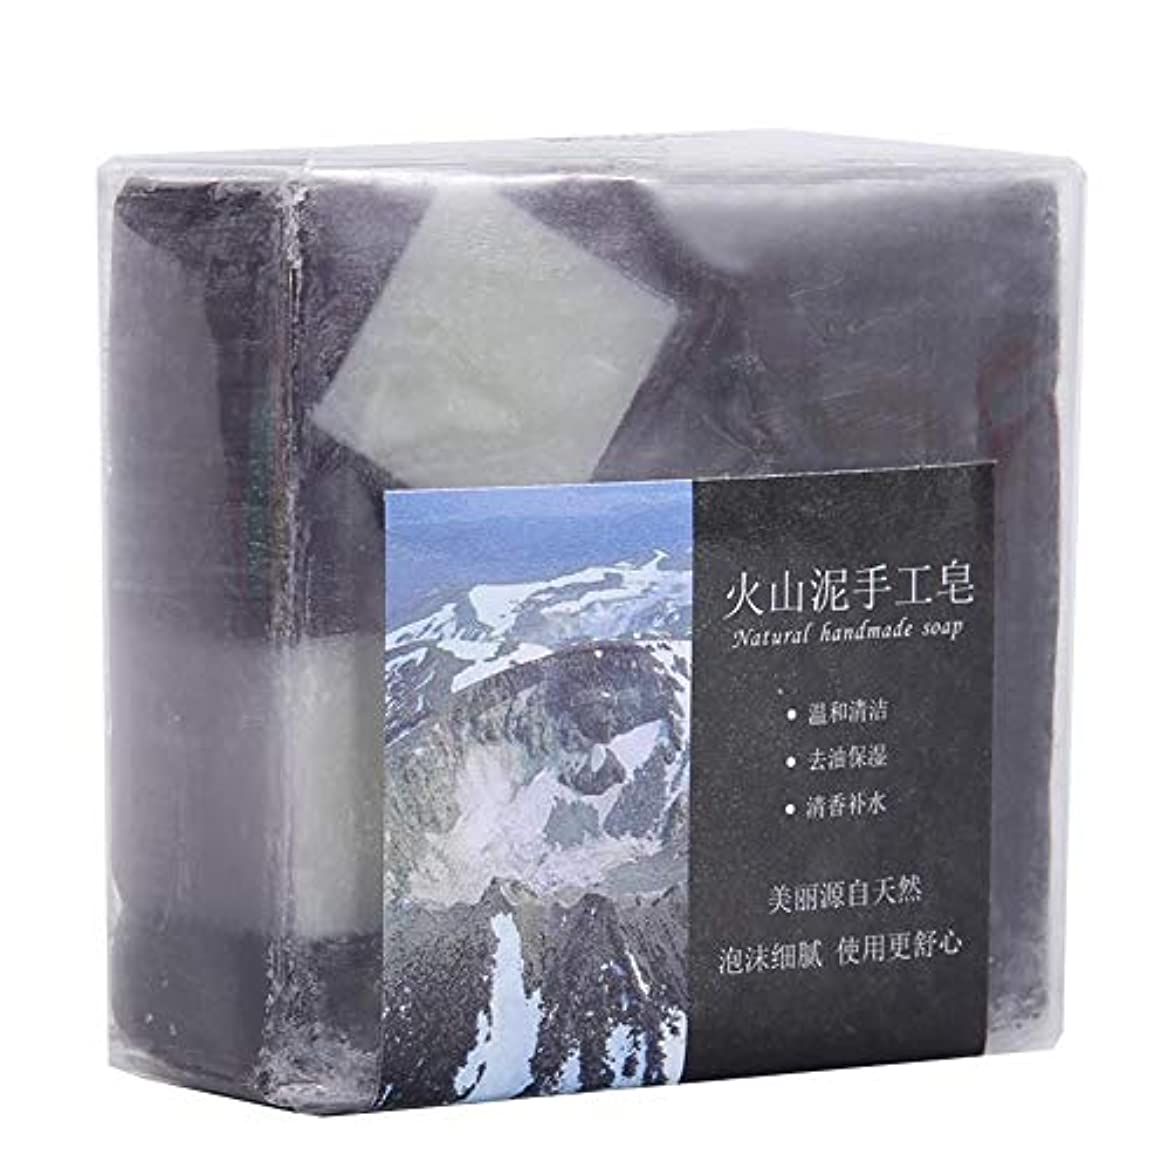 バッチちなみに謙虚なディープクリーニング 火山泥 ハンドメイドグリース 保湿石鹸用 100 G 手作り石鹸